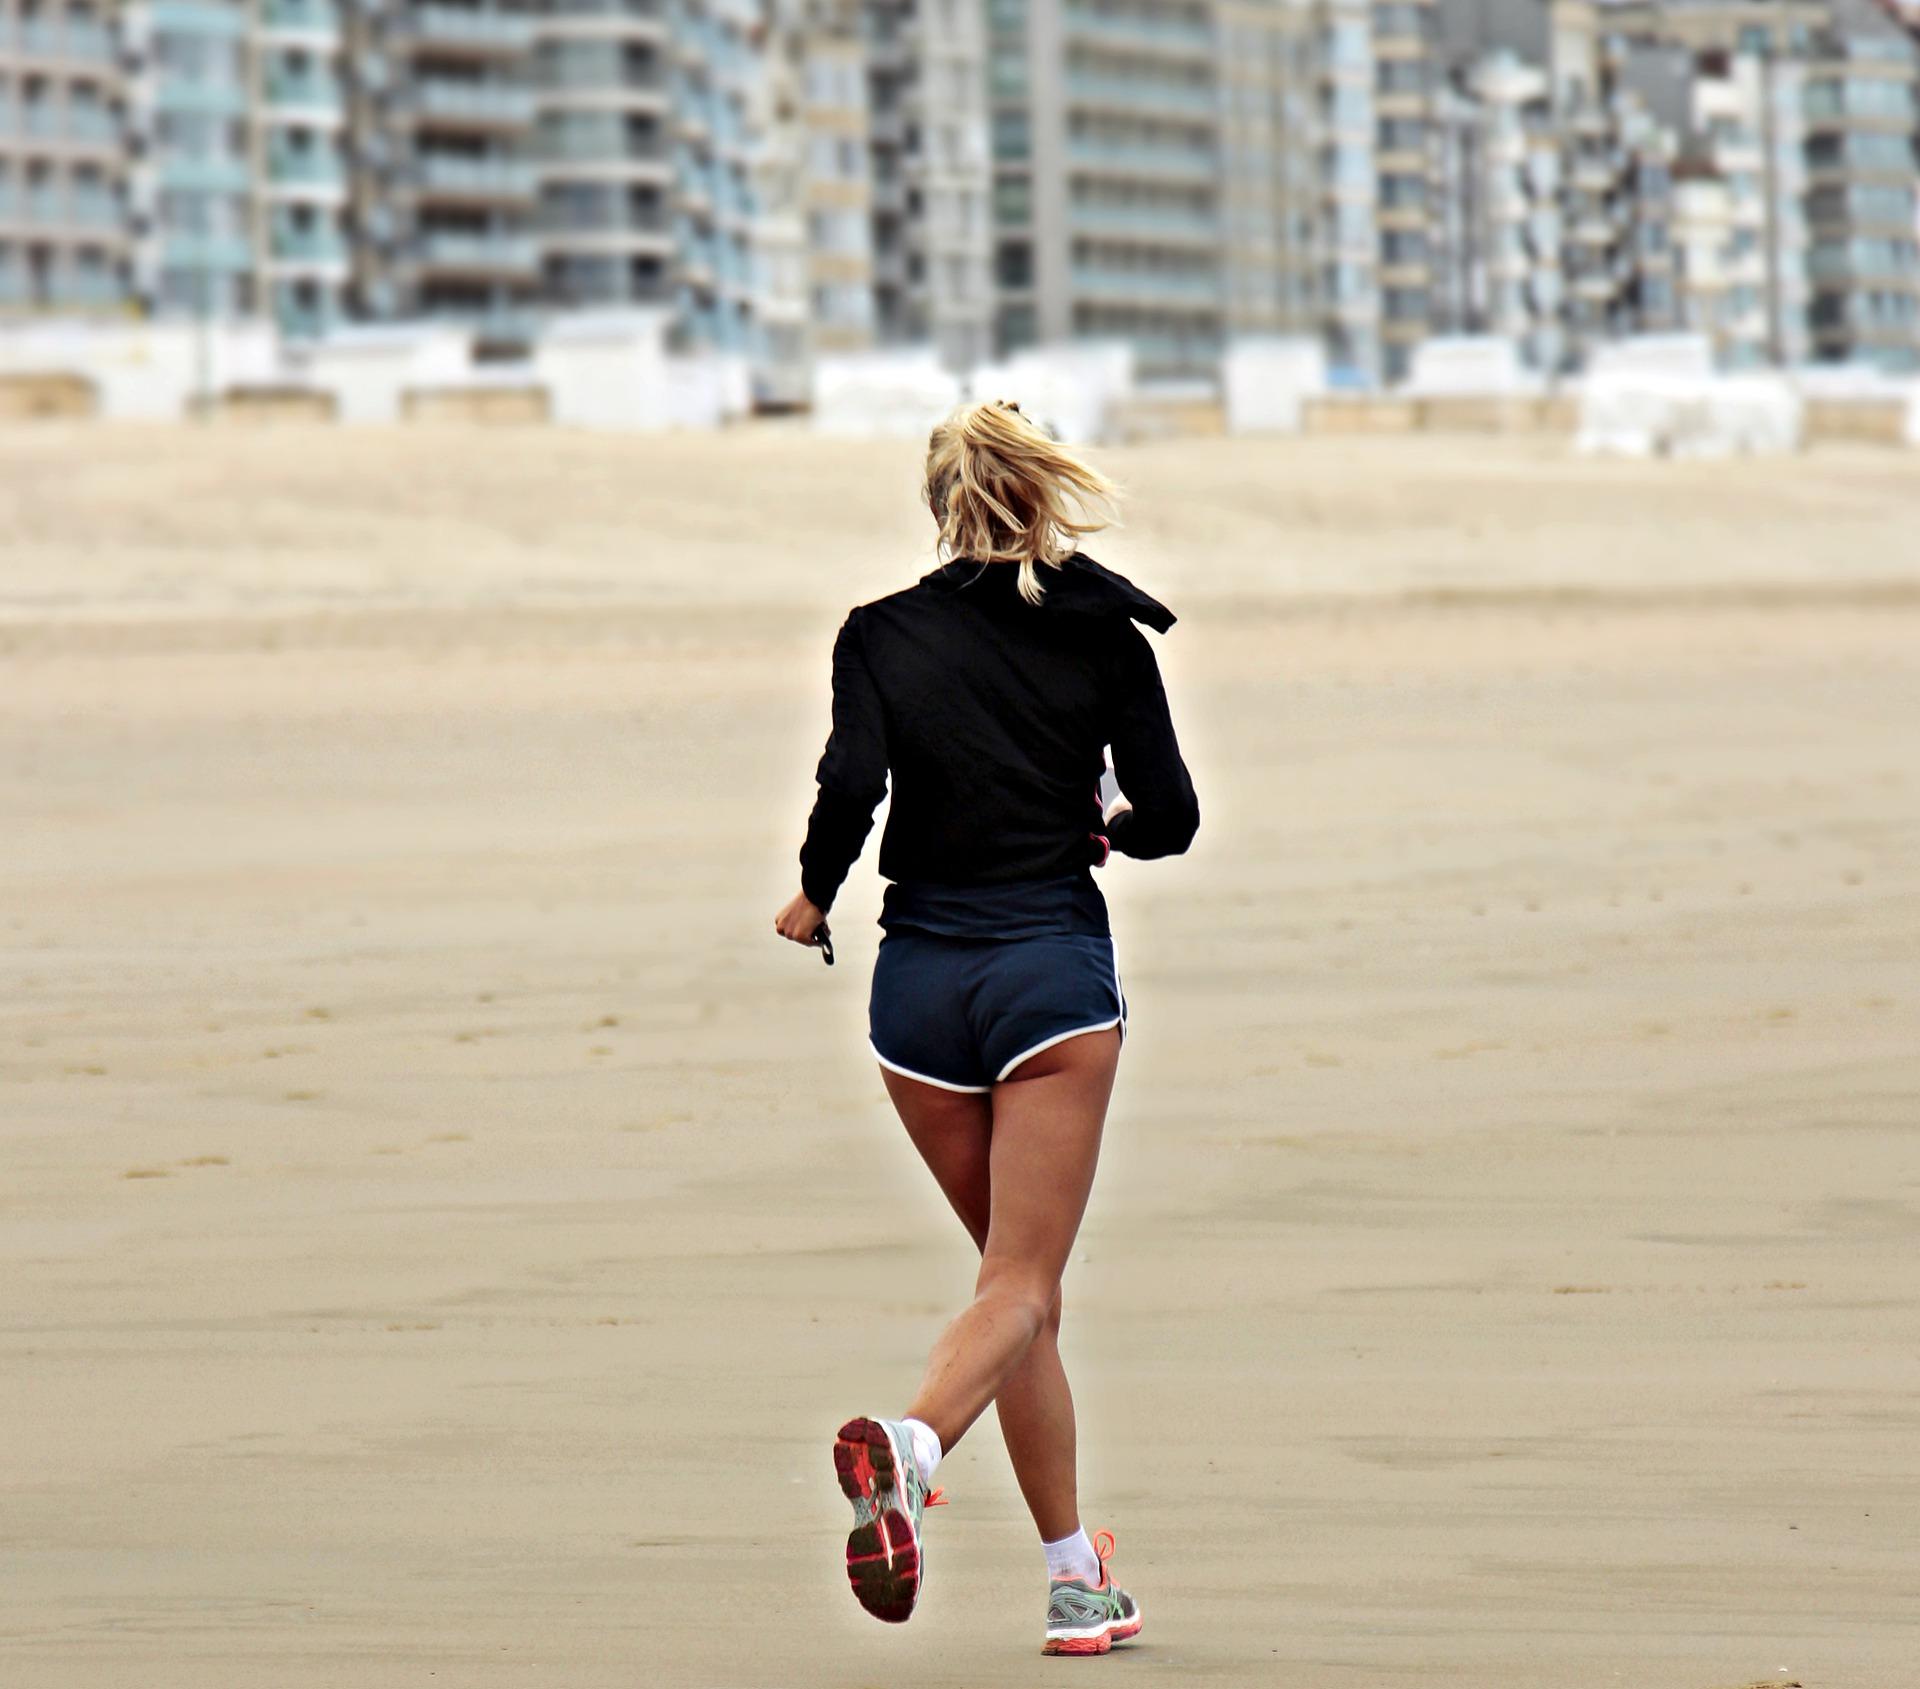 joggueuse sur la plage